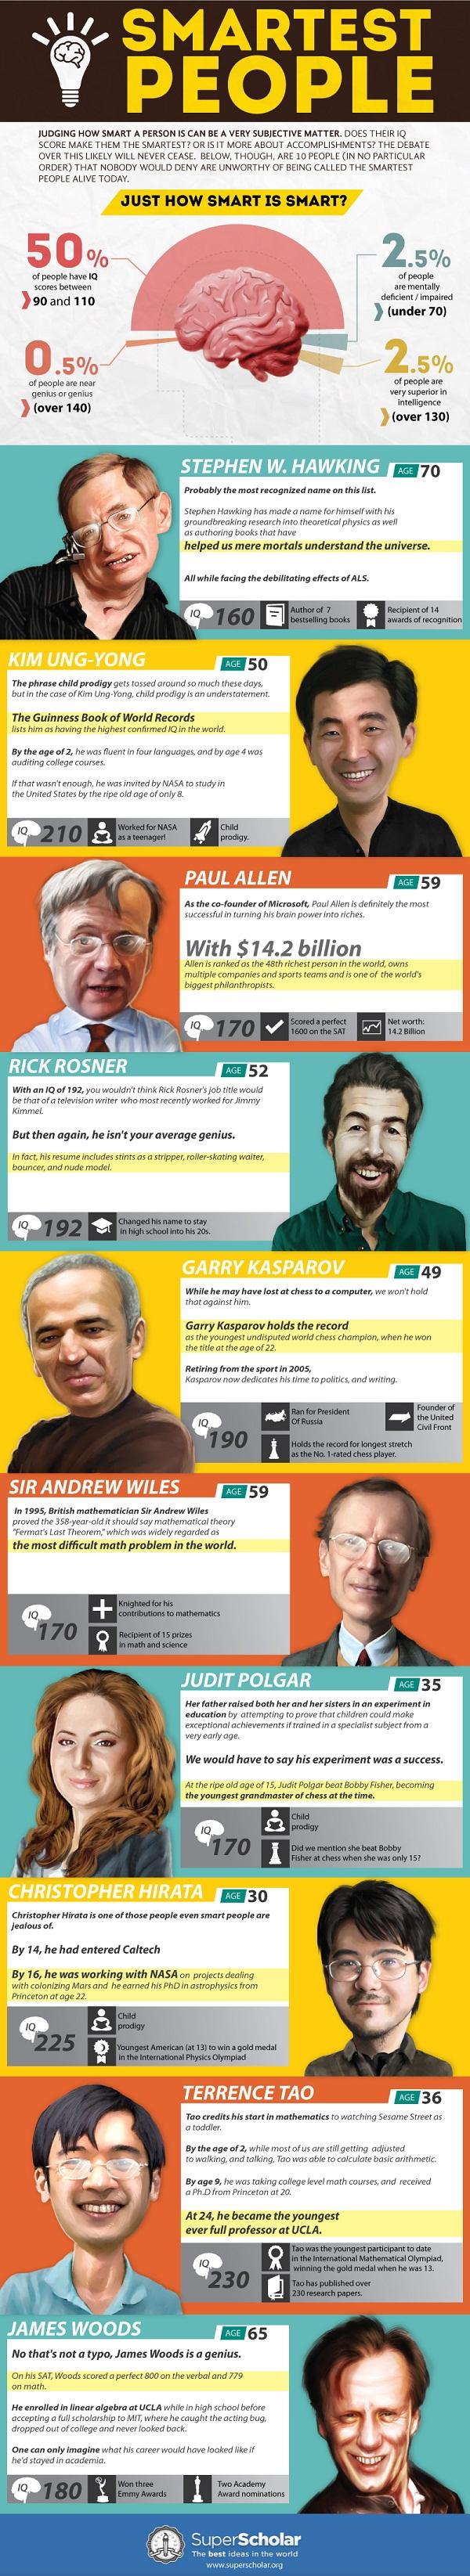 Las 10 Personas Vivas Mas Inteligentes Infografia Infographic Datos De Interes Personas Inteligentes Personas